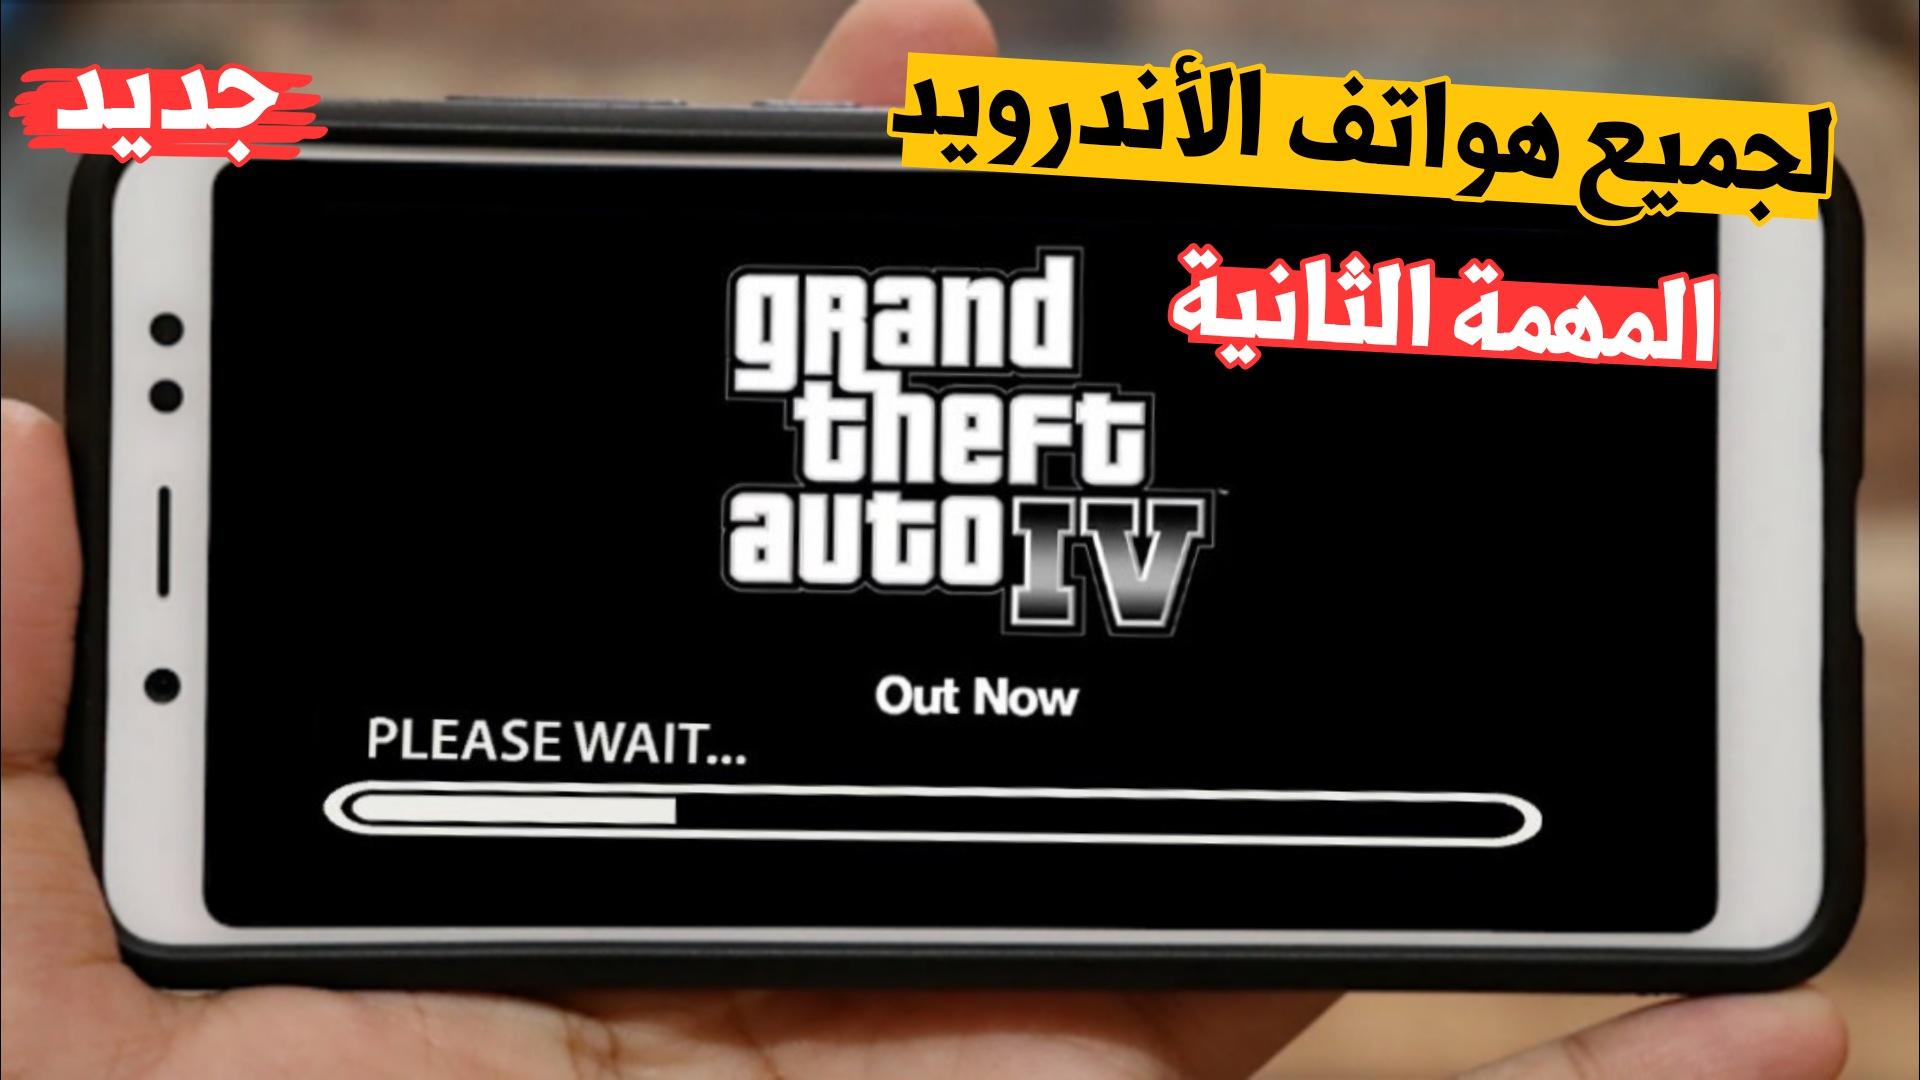 حصريا تحميل لعبة GTA IV كاملة بالمهمات لجميع هواتف الاندرويد بحجم صغير وجرافيك خرافى من ميديا فاير